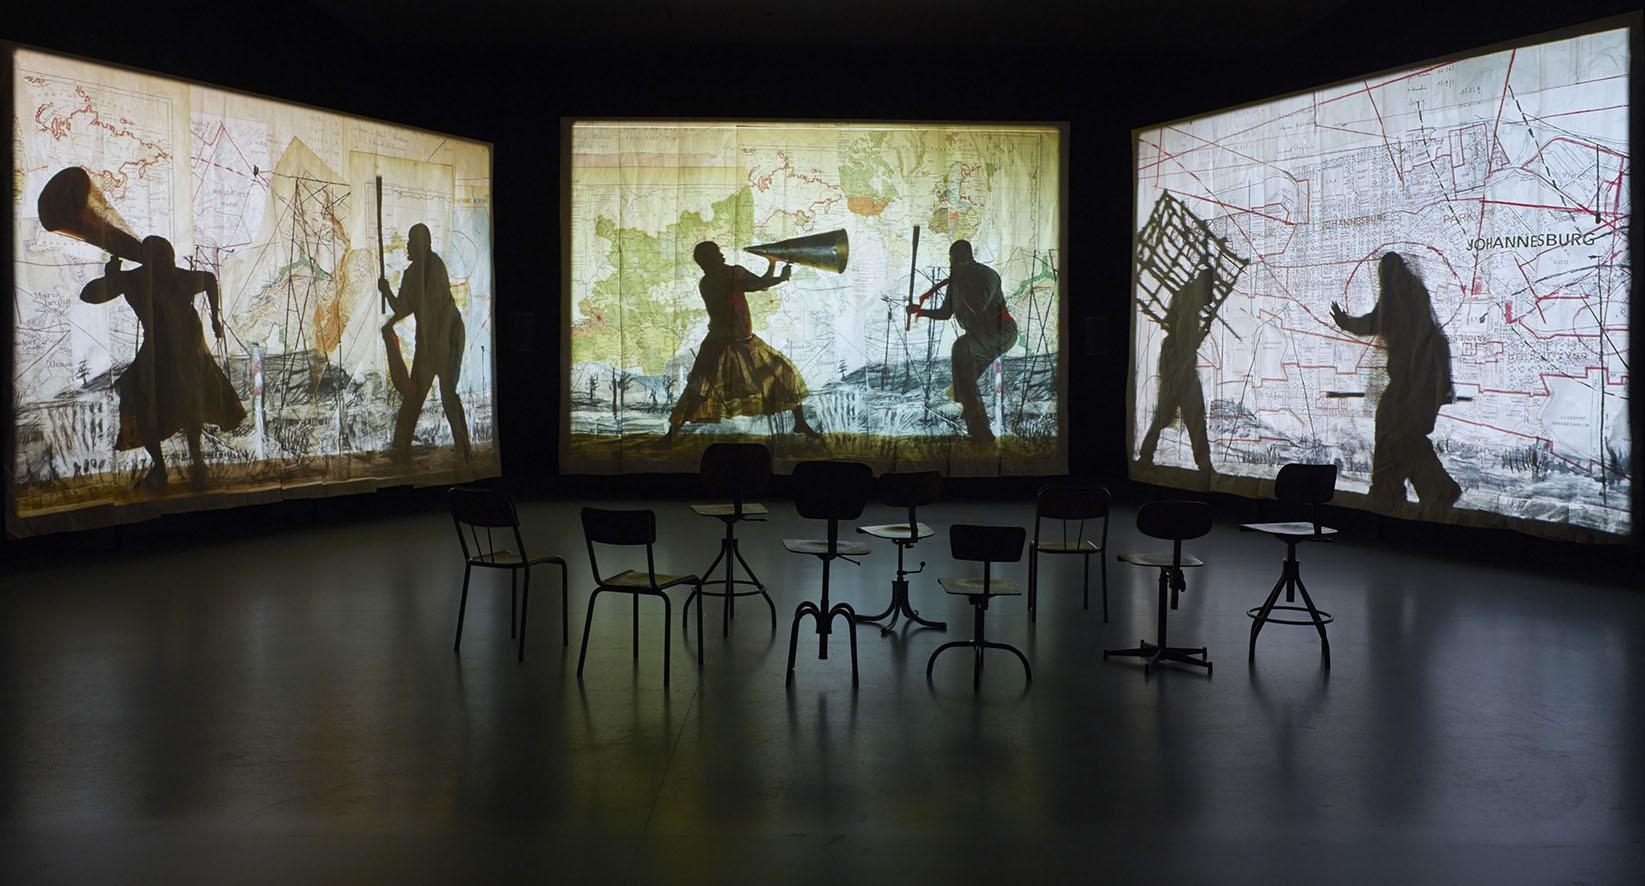 ÊTRE LÀ_vue d'installation de William Kentridge_©William Kentridge_photo ©Fondation Louis Vuitton - Marc Domage.jpg